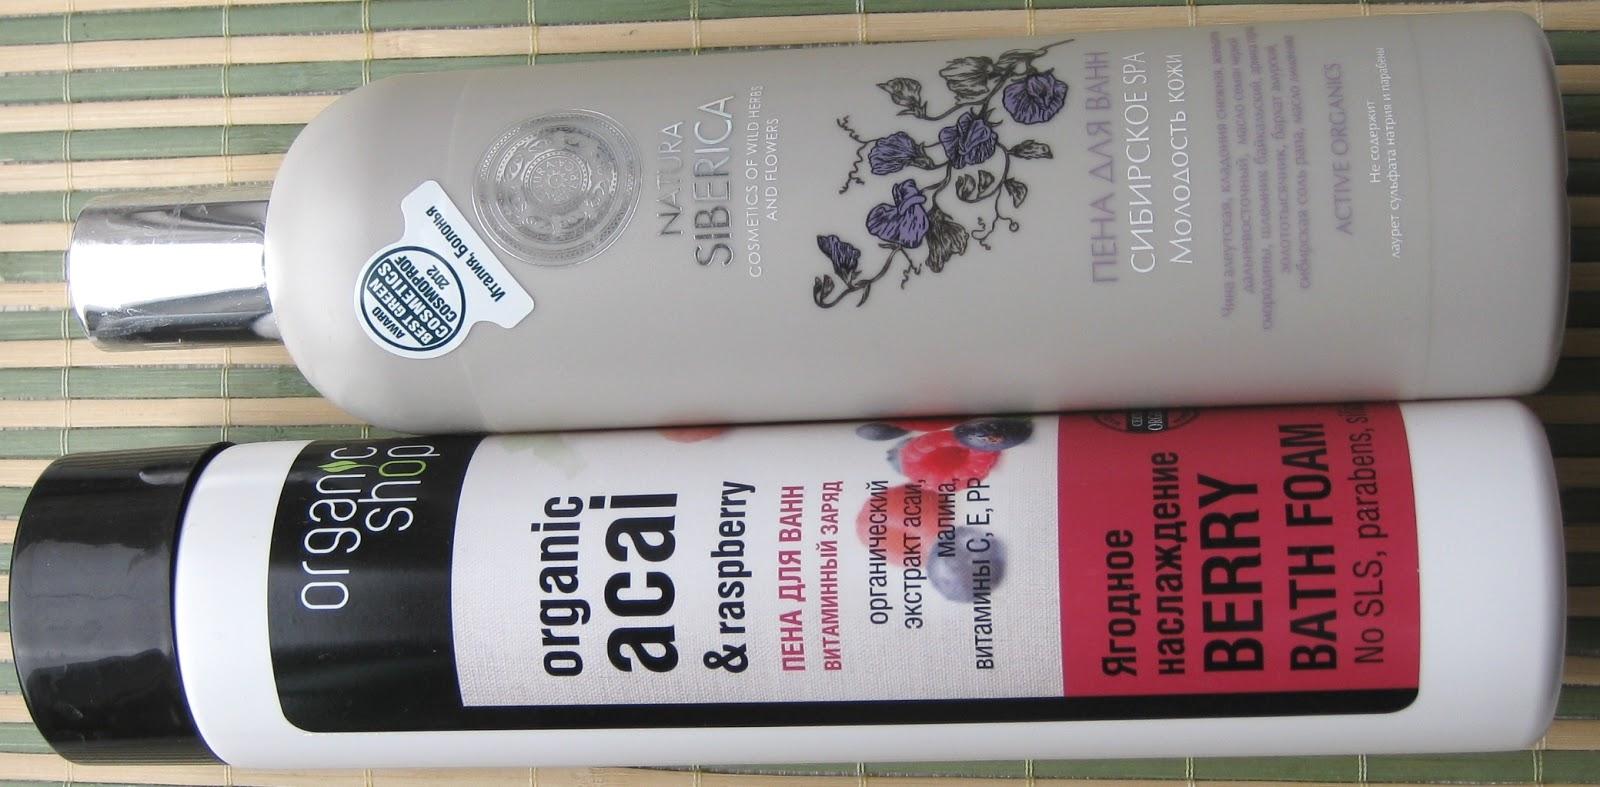 Пена для ванн витаминный заряд Ягодное наслаждение от Organic Shop, Пена для ванн Сибирское SPA Молодость кожи от Natura Siberica